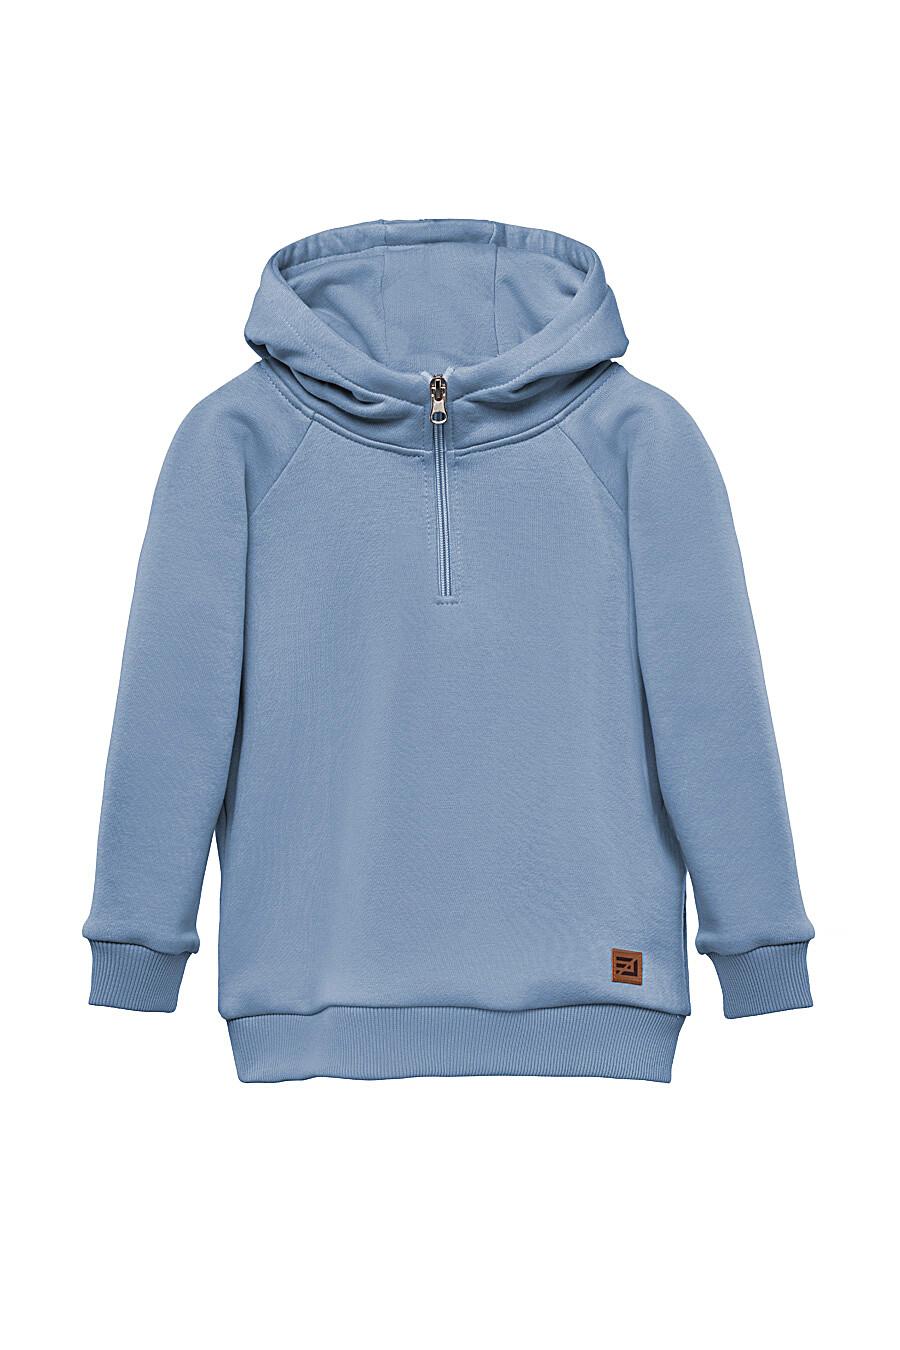 Худи для девочек EZANNA 649347 купить оптом от производителя. Совместная покупка детской одежды в OptMoyo